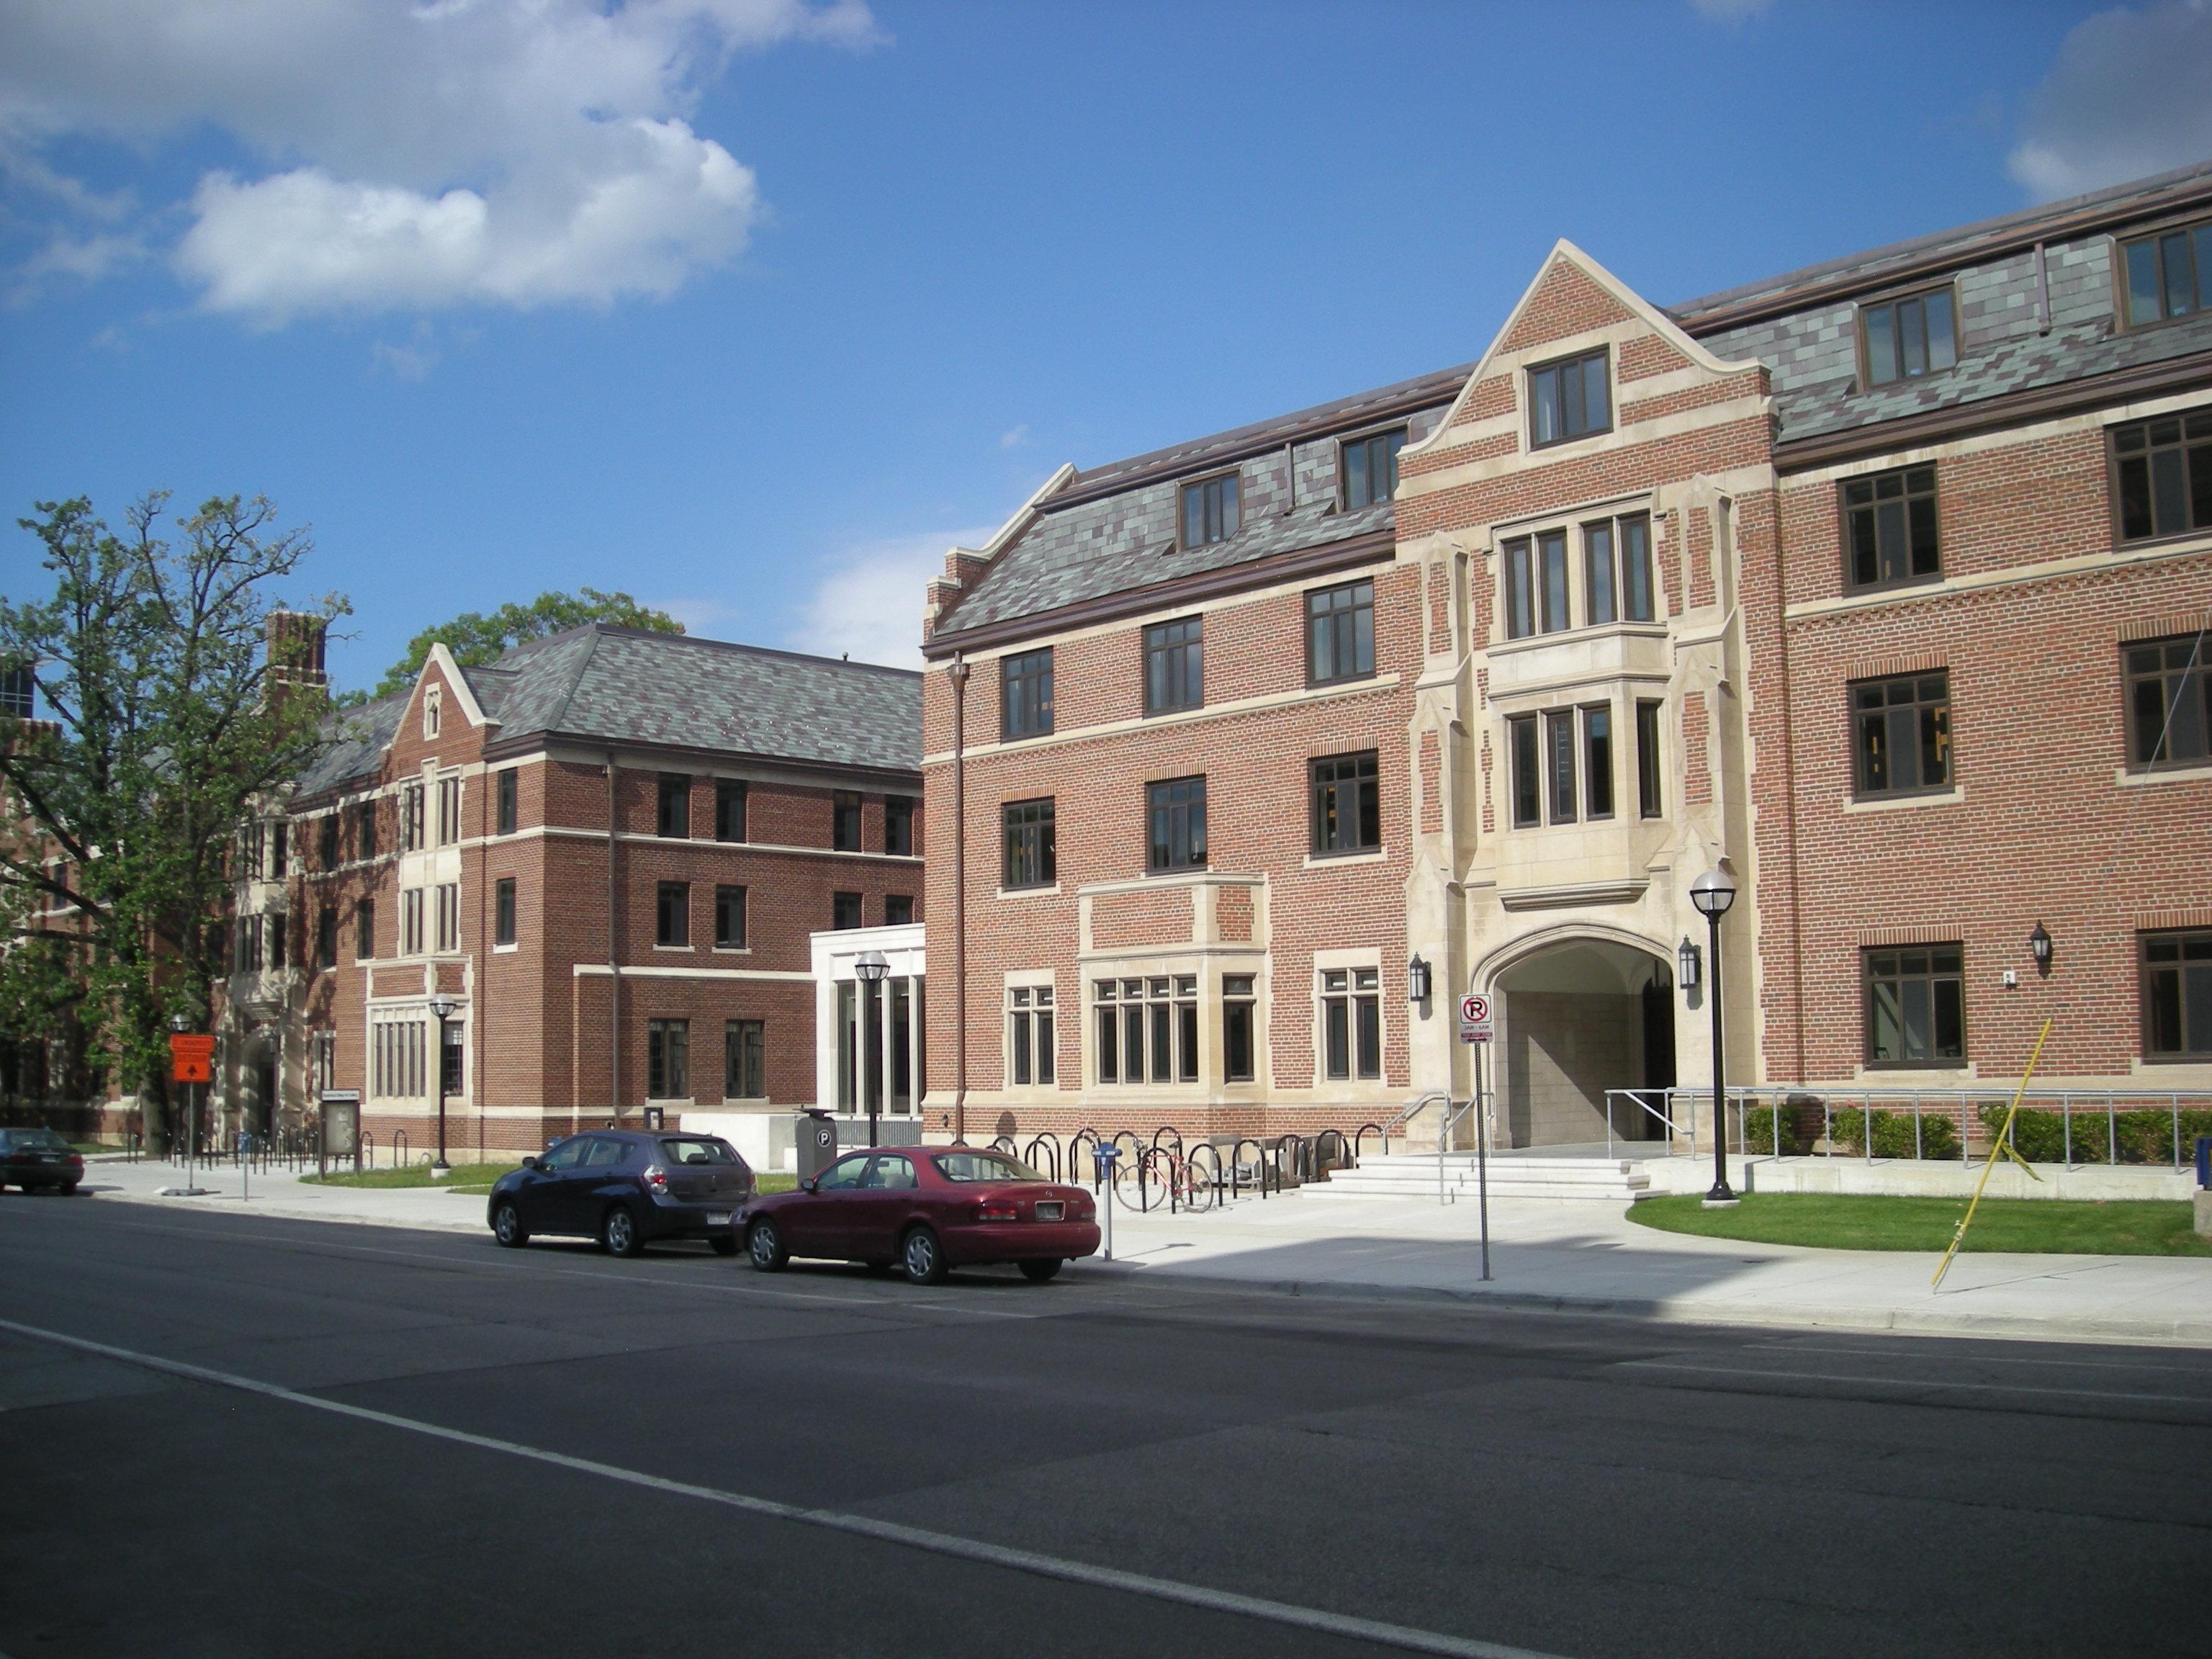 University of michigan dating scene